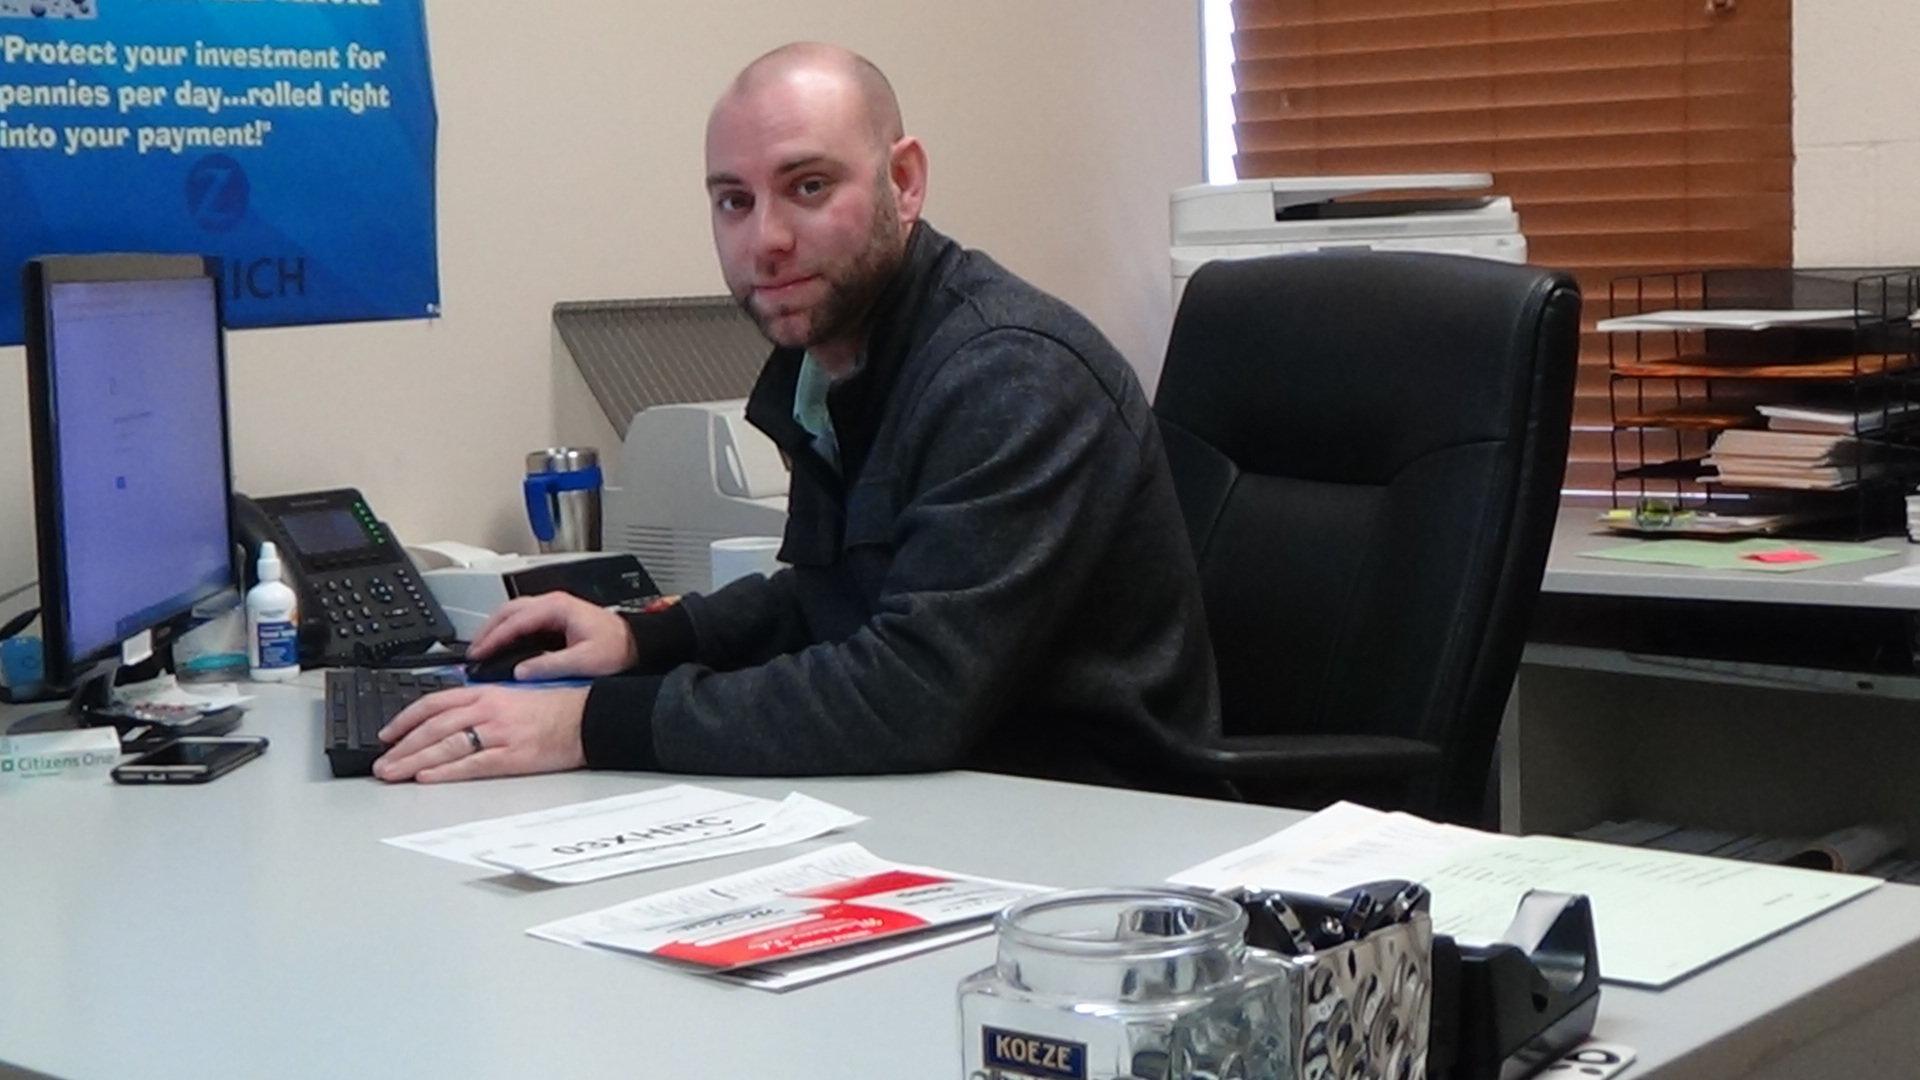 Matt Isaacs - Finance Manager